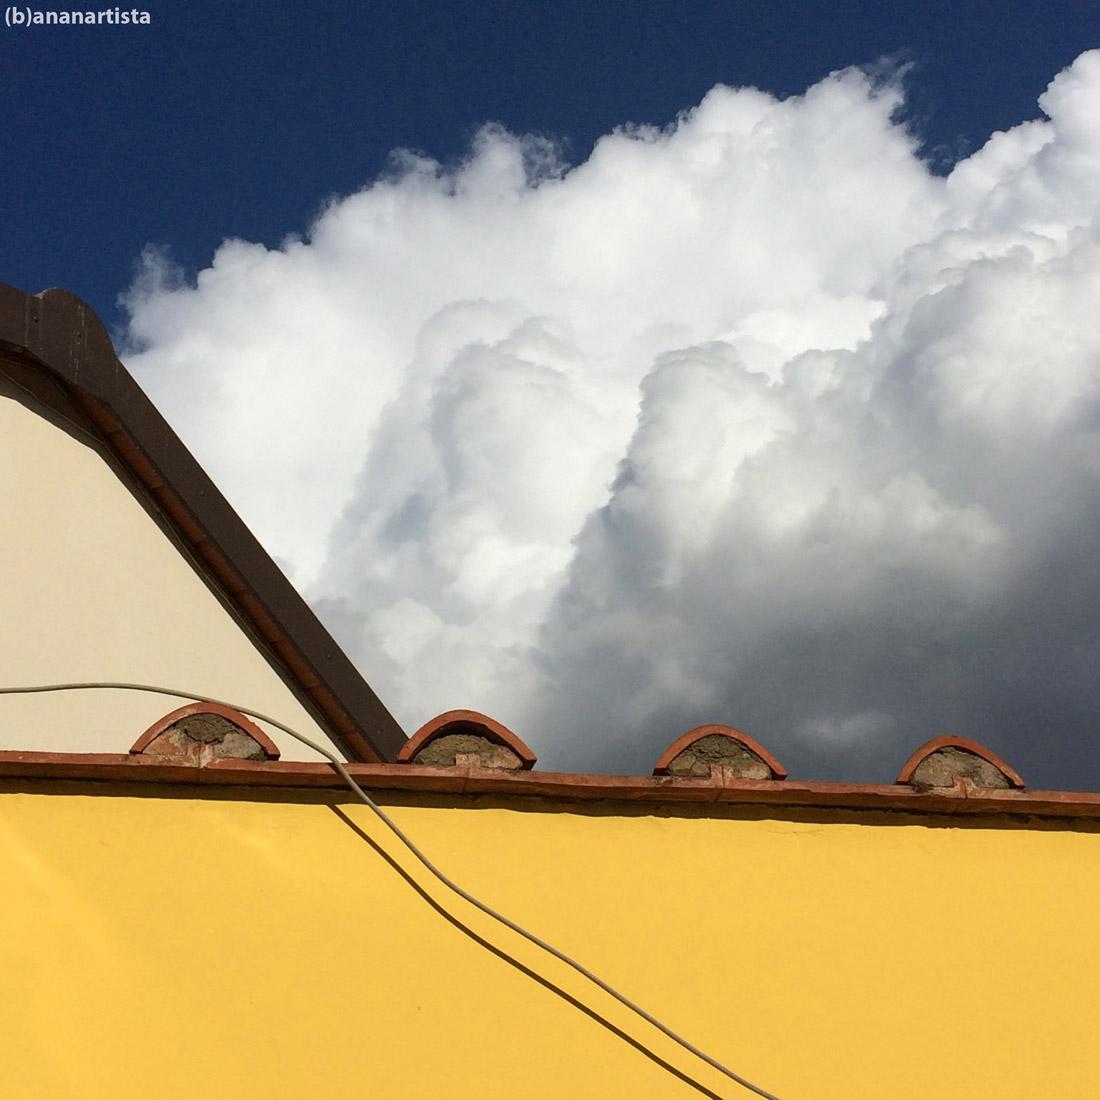 il mio viaggio a Firenze: fotografia di (b)ananartista sbuff